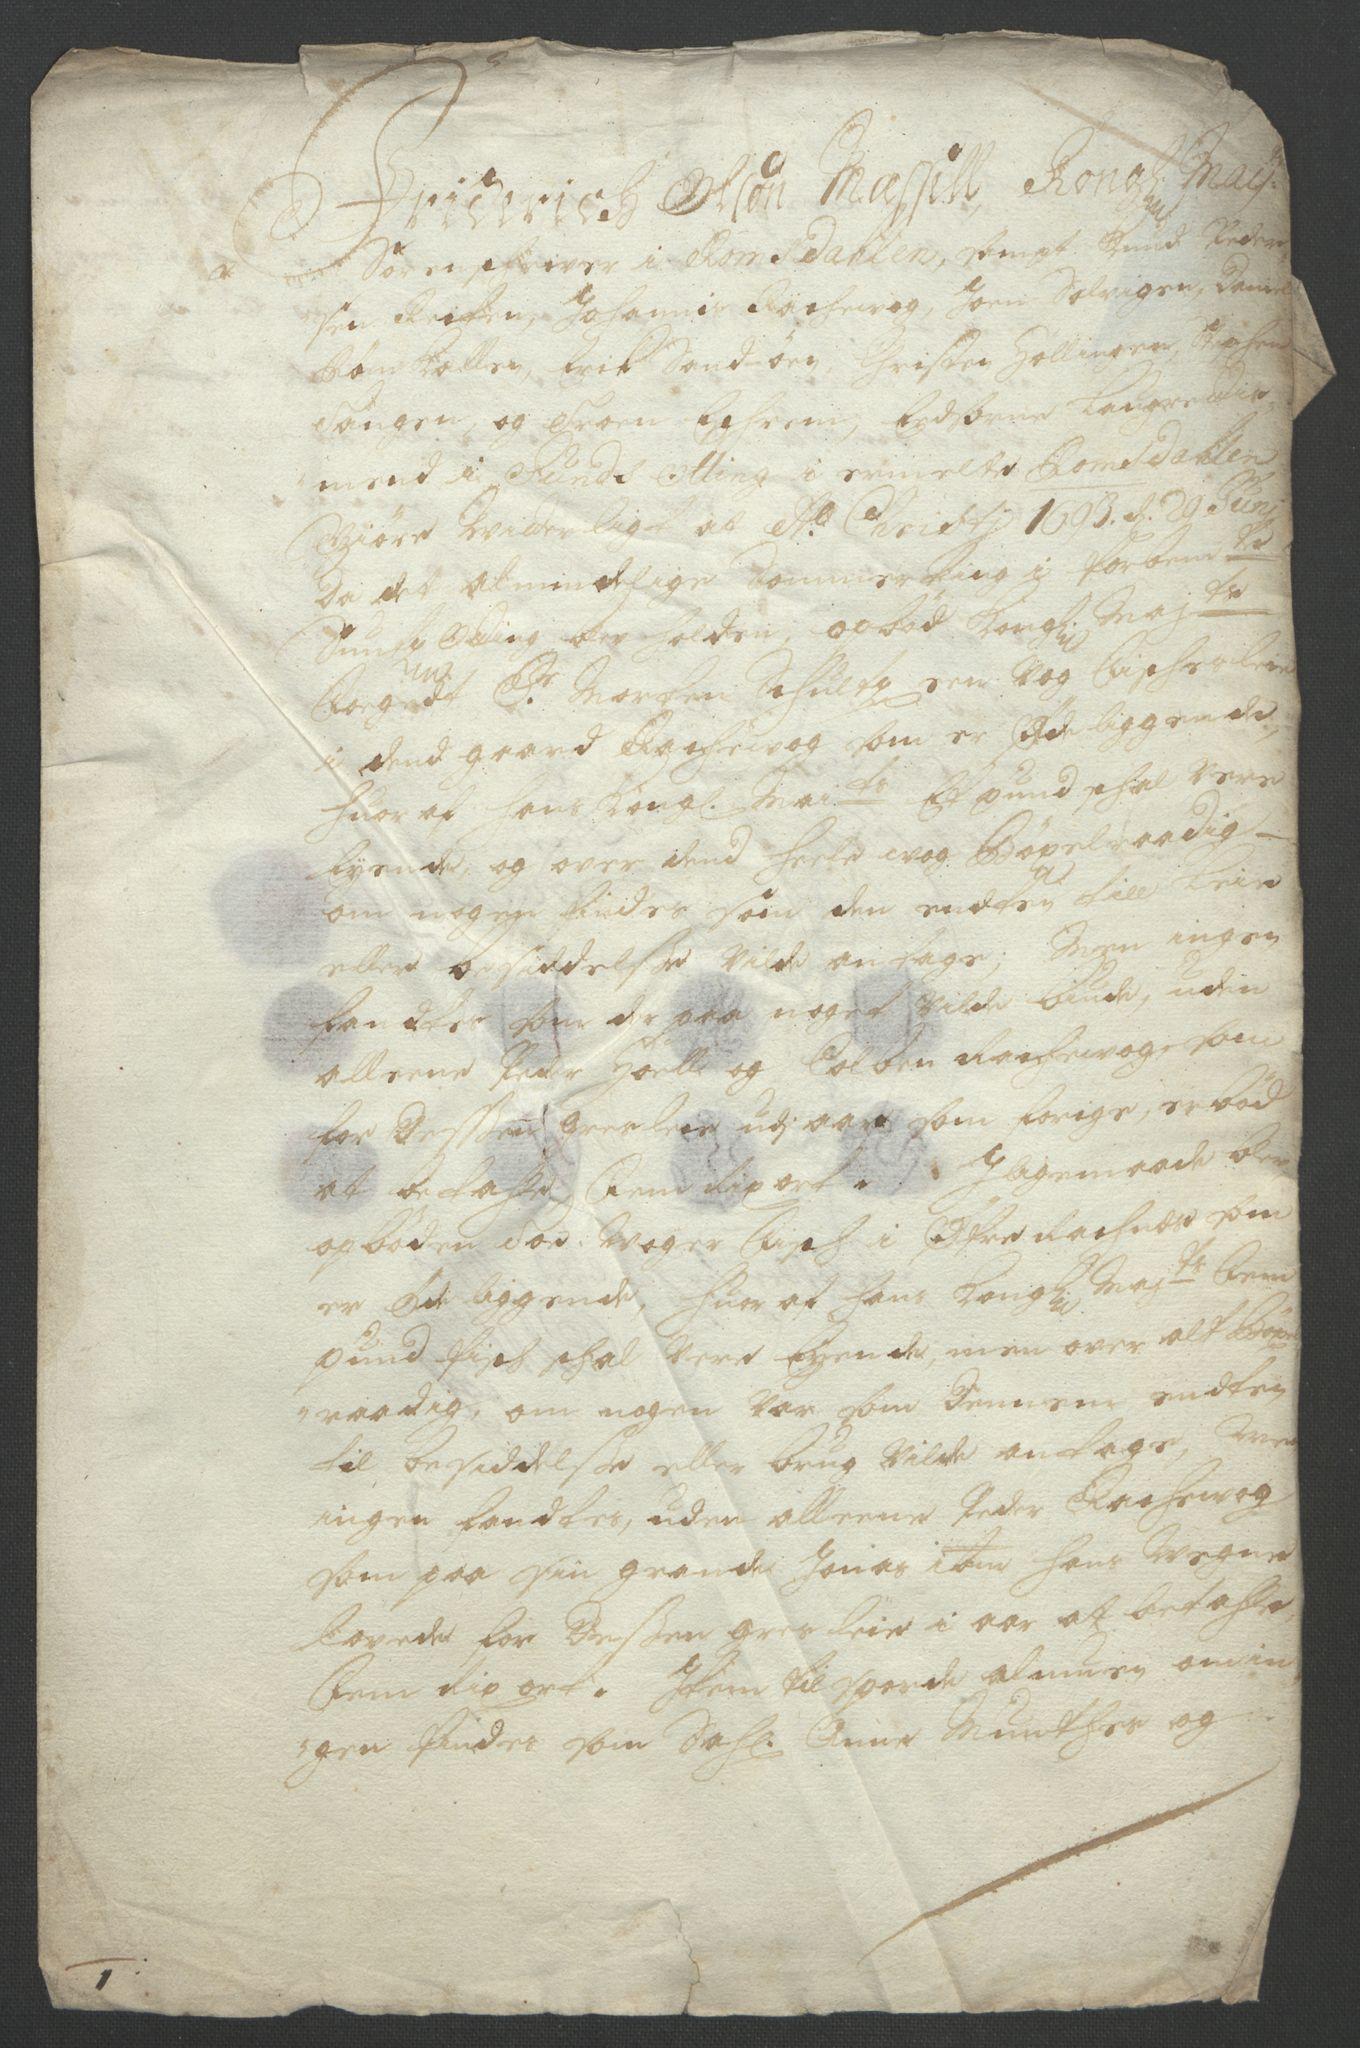 RA, Rentekammeret inntil 1814, Reviderte regnskaper, Fogderegnskap, R55/L3651: Fogderegnskap Romsdal, 1693-1694, s. 158